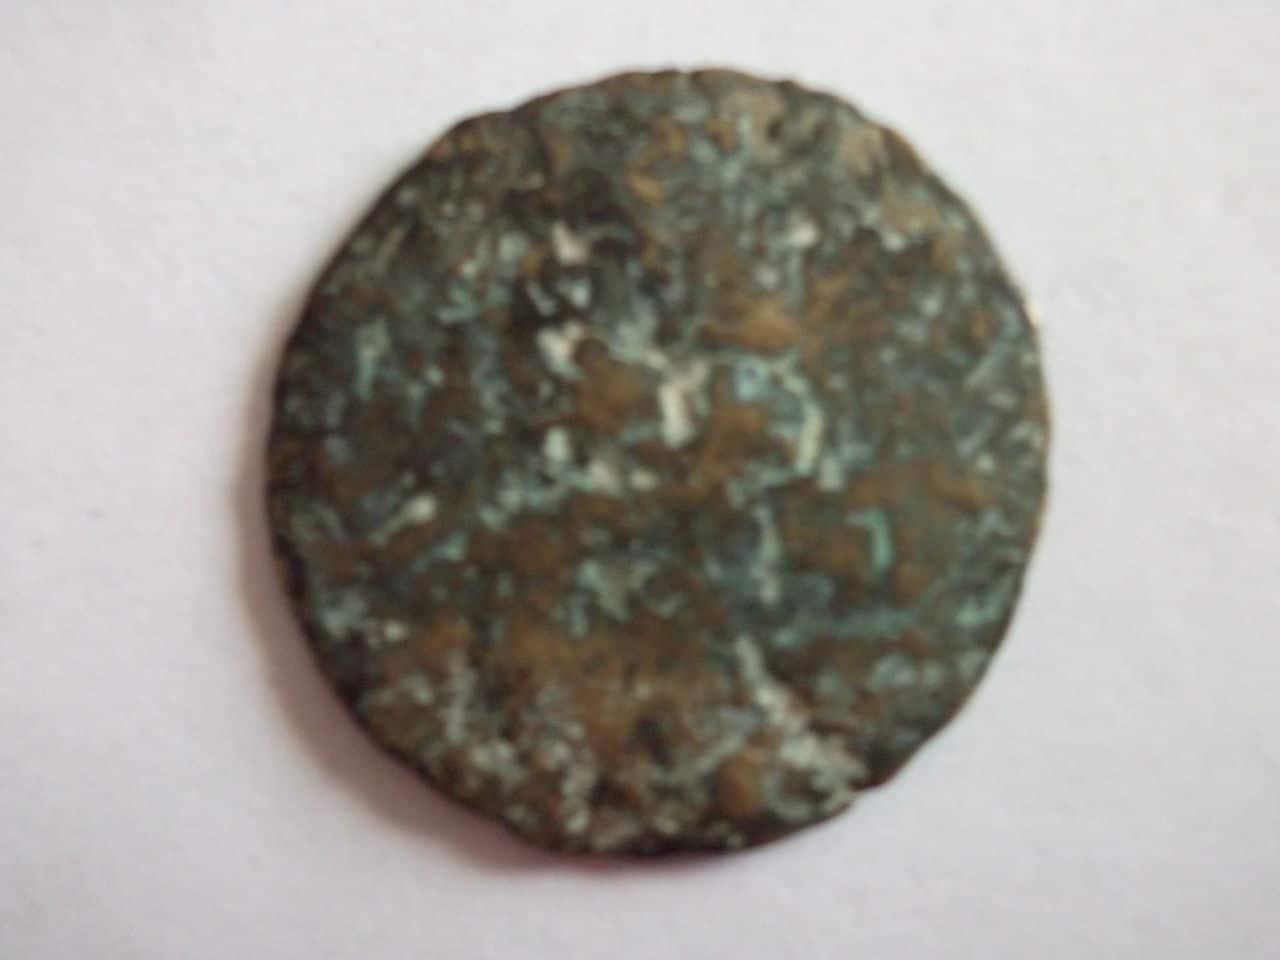 Identificar moneda DSCF1816